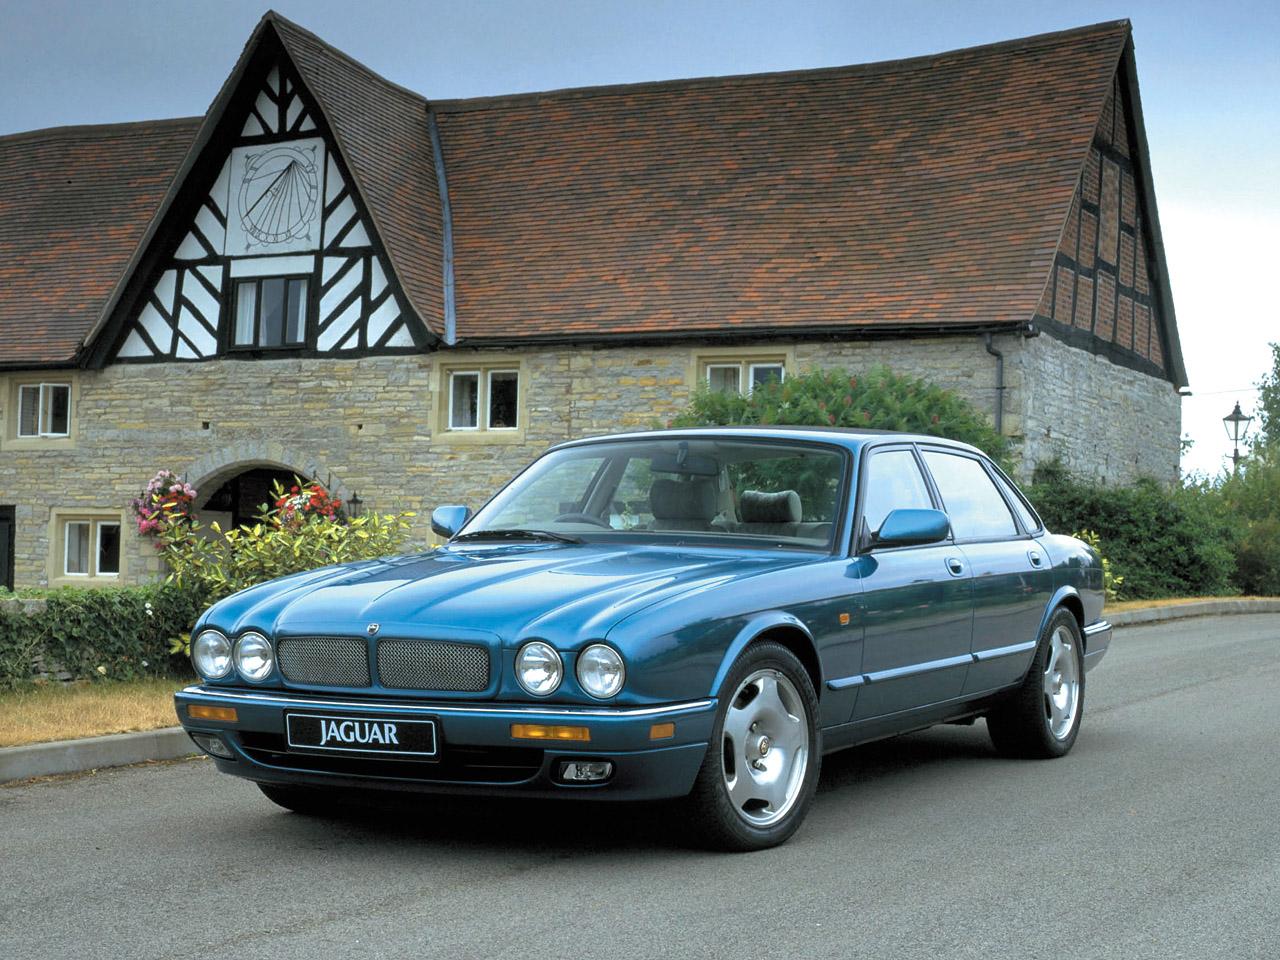 1994 1997 Jaguar XJR X300 The Last Cars Imported Desktop Background